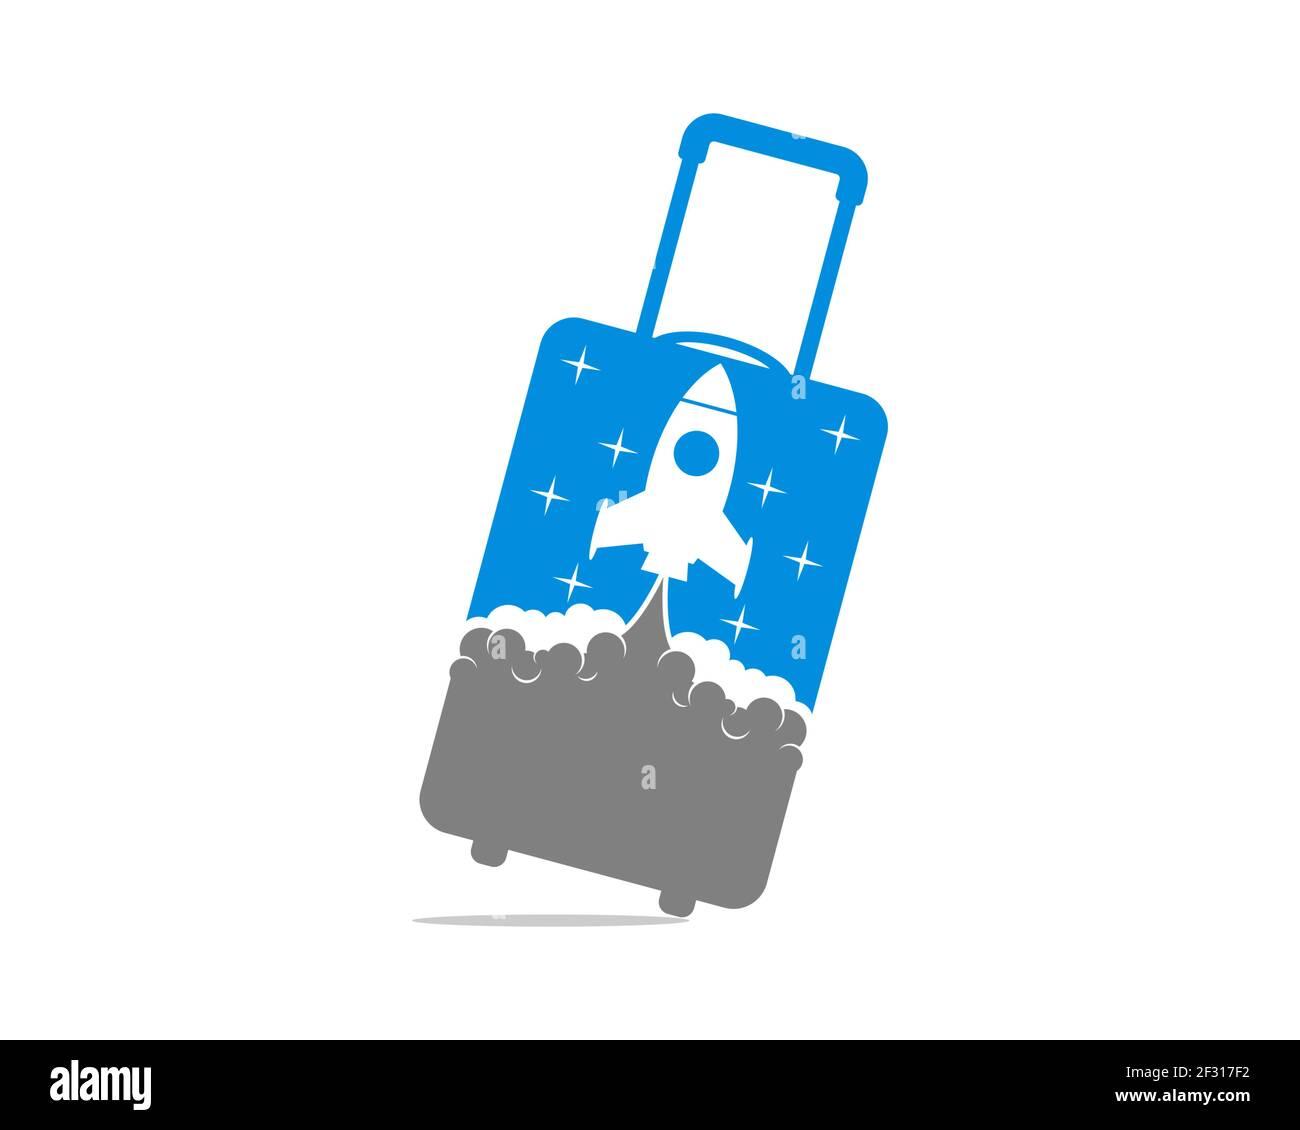 Bolsa de viaje con lanzamiento de cohetes en el interior Foto de stock